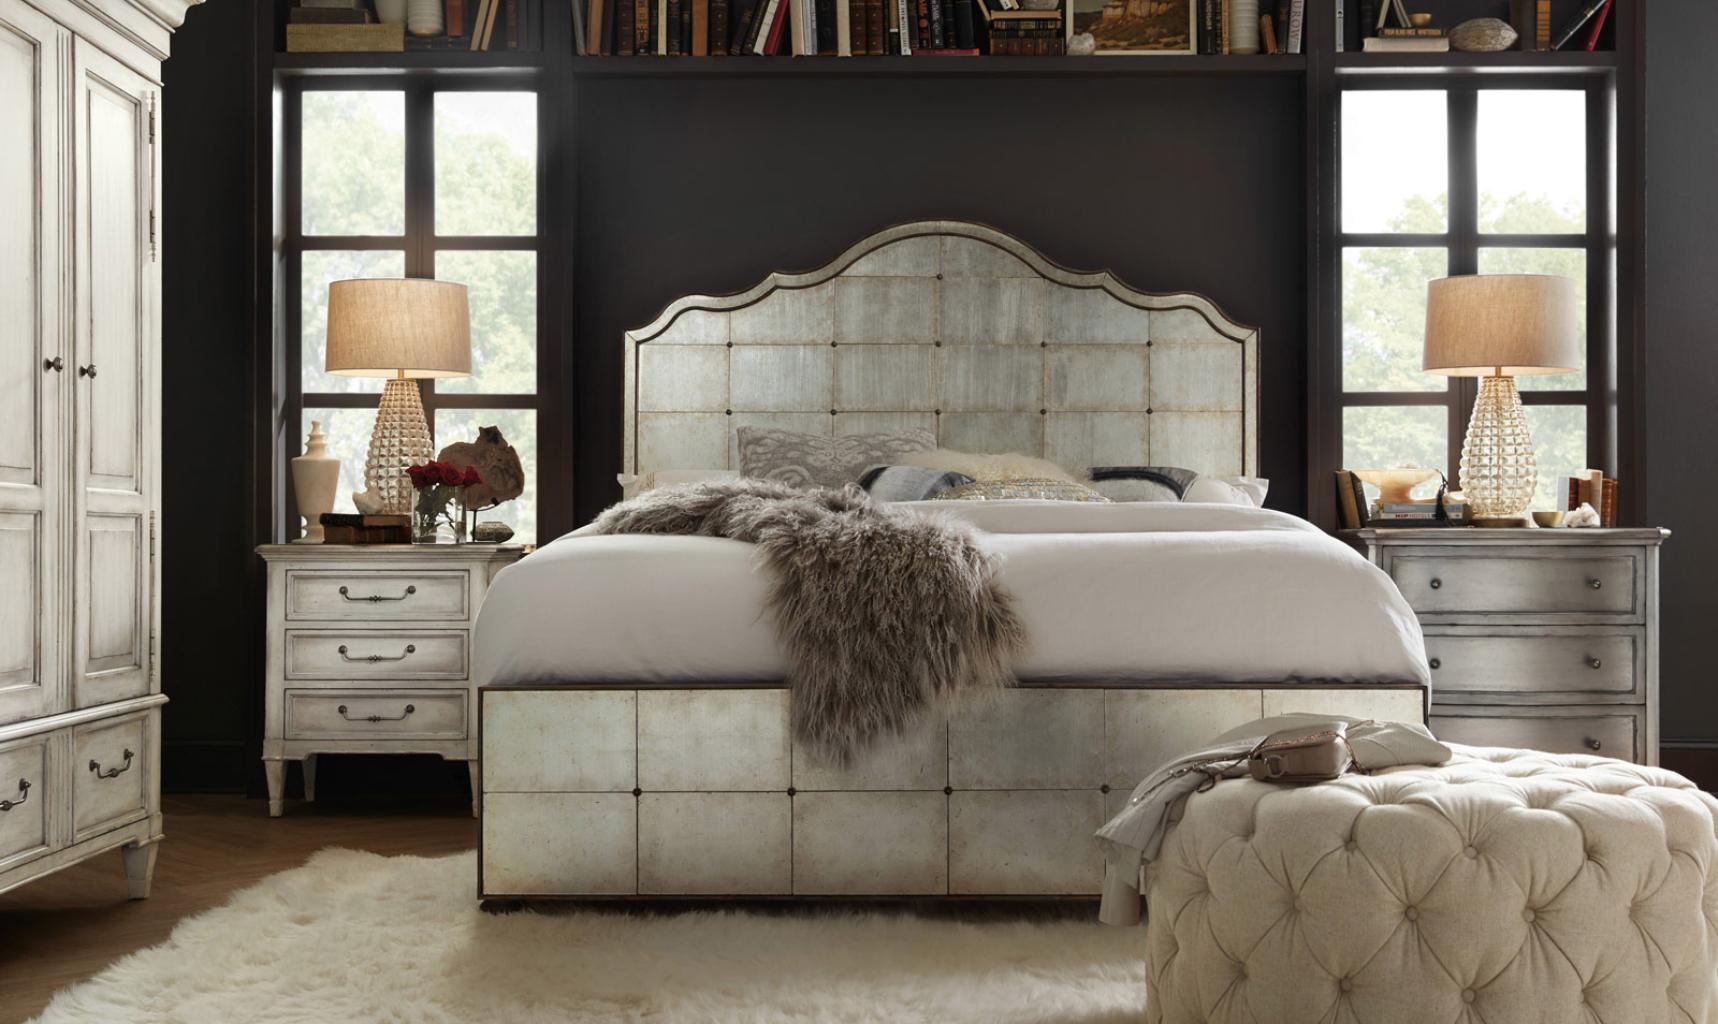 Hooker-Furniture-Bedroom